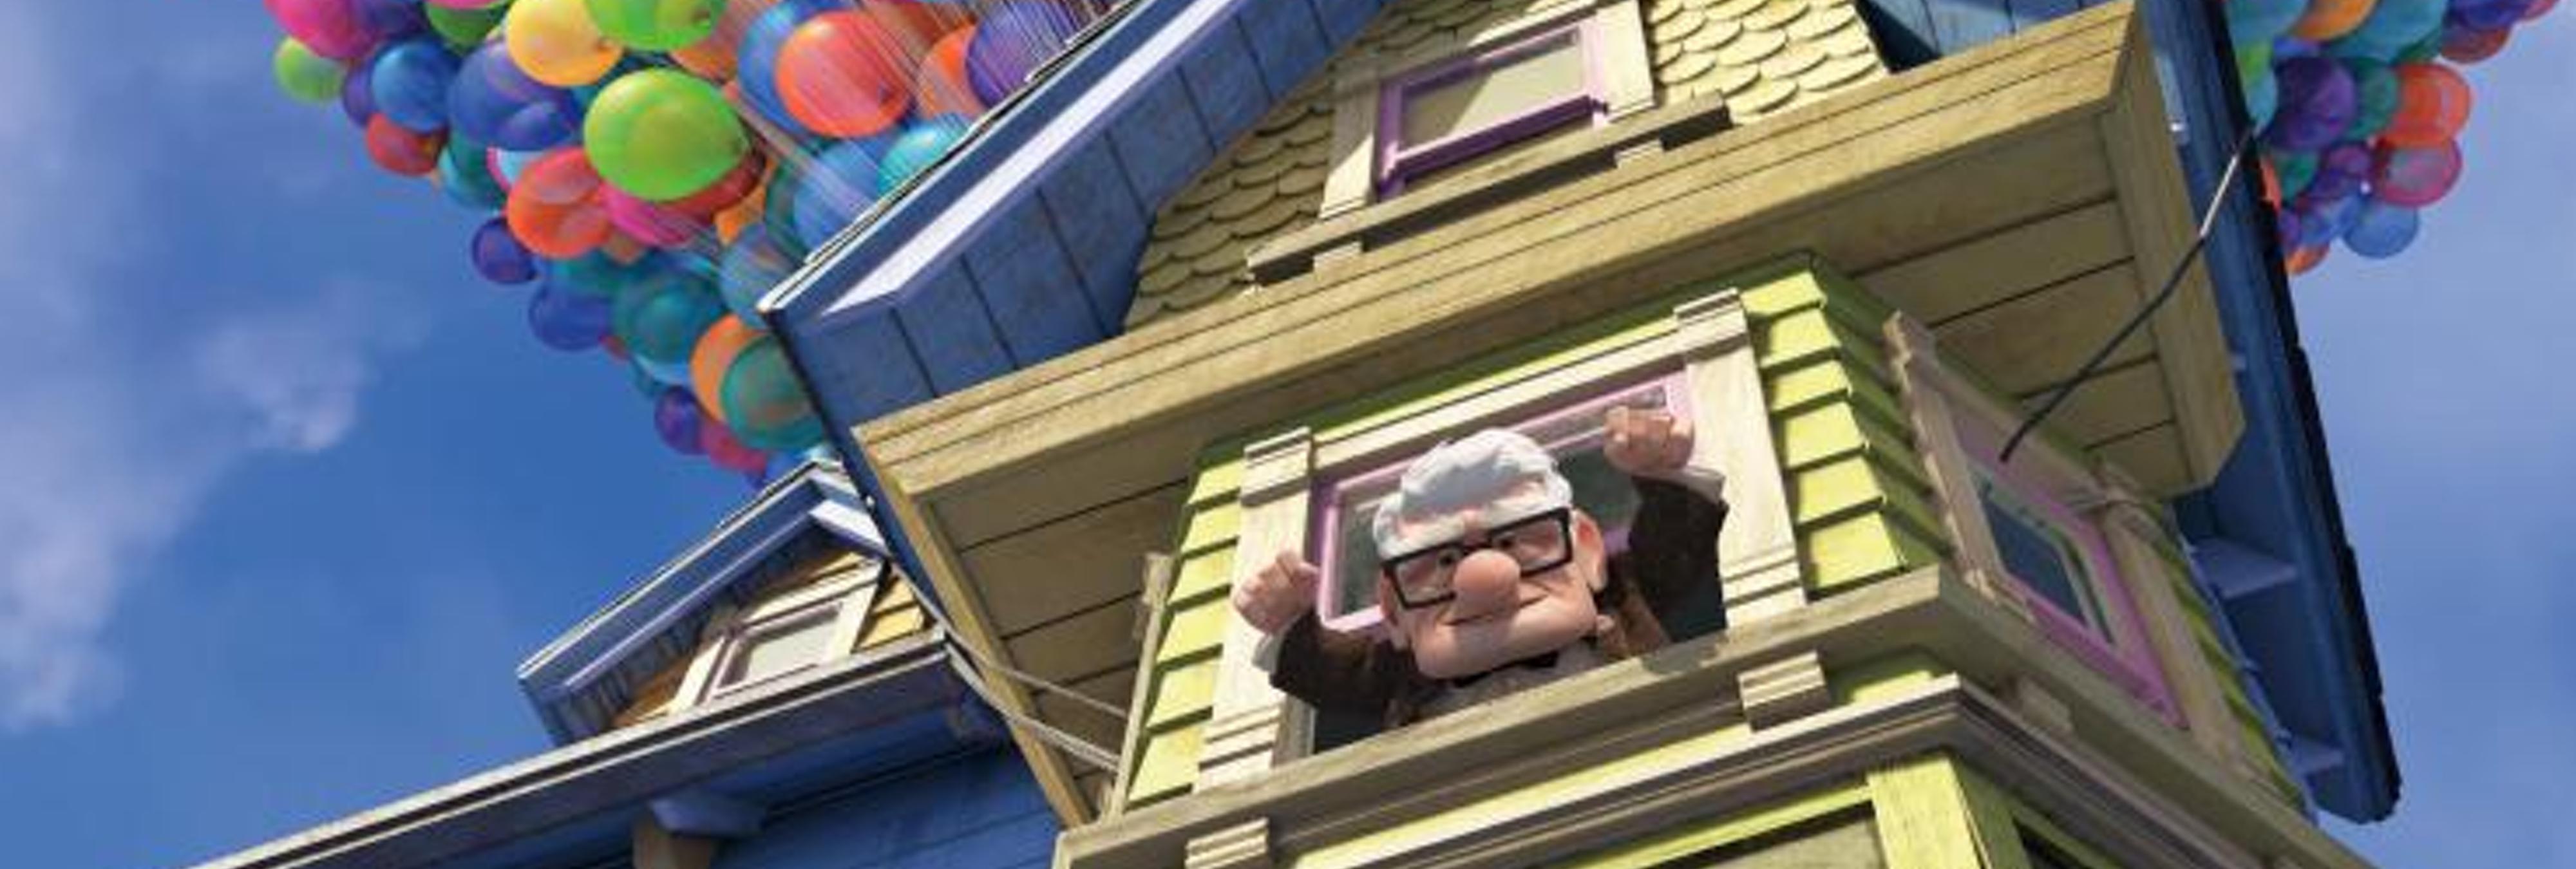 Una teoría prueba que Carl, de 'Up', está muerto desde el principio de la película